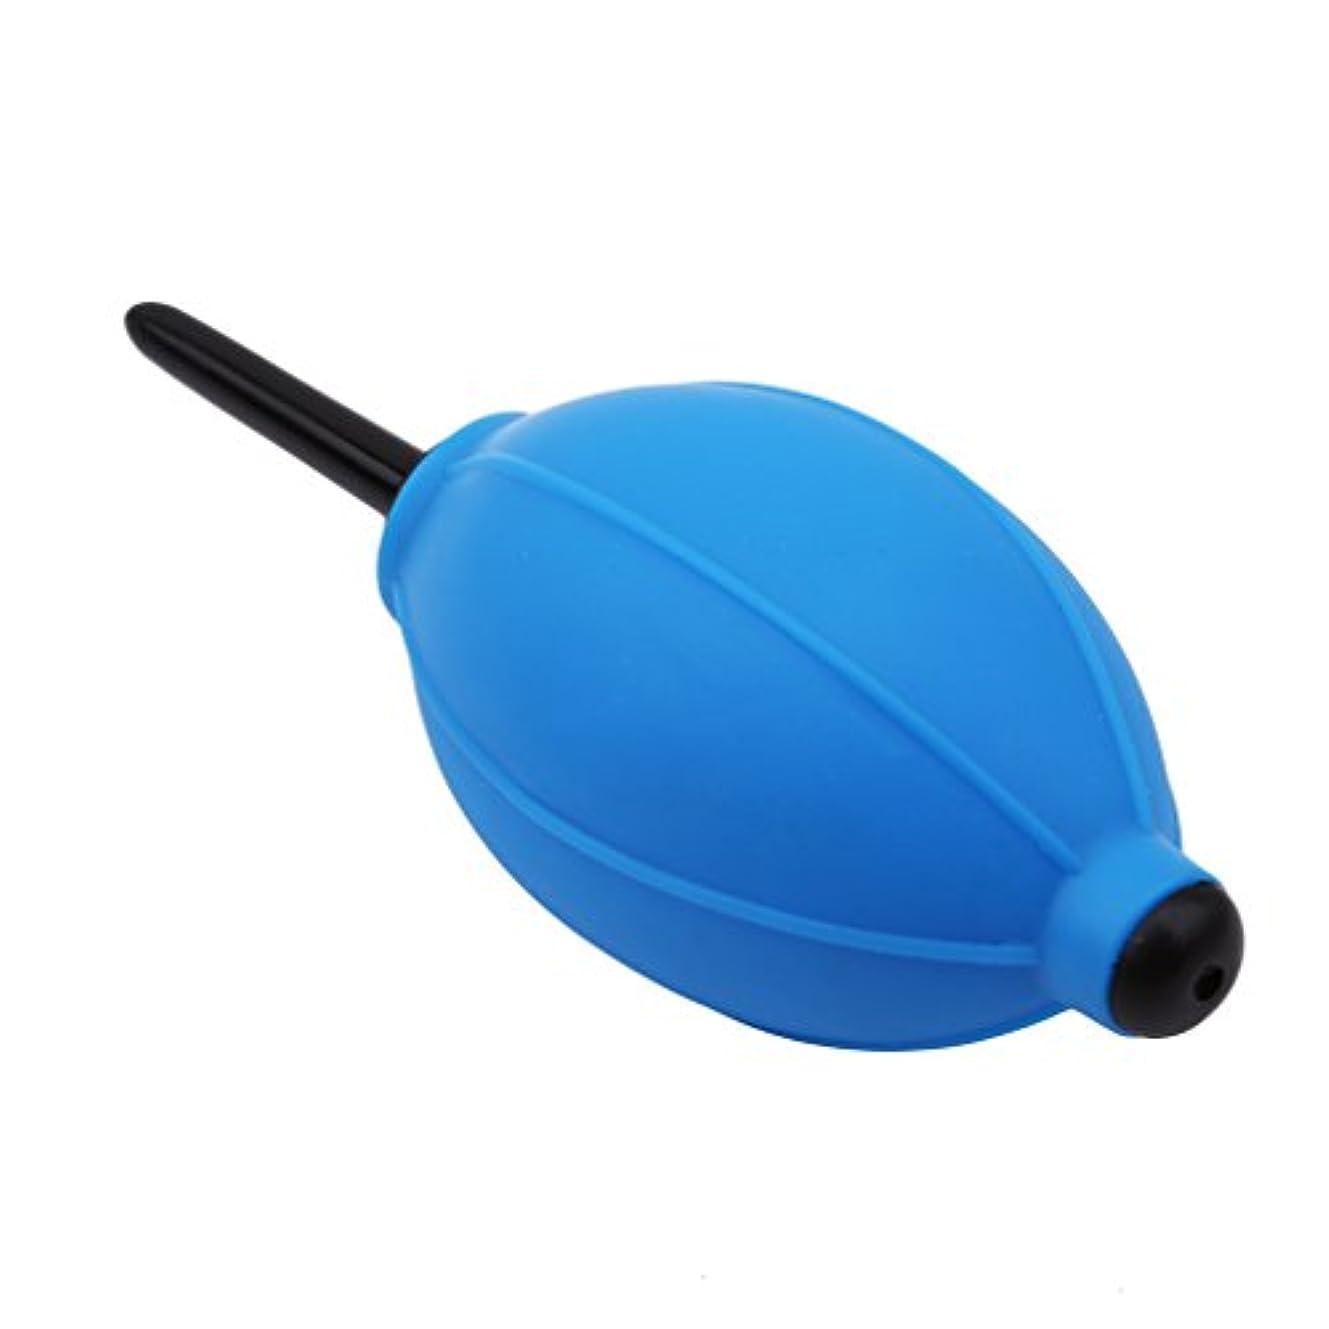 描くこねる驚いたBEE&BLUE まつげ エアブロワー まつげエクステ施術用 まつげエクステンション ドライヤー まつげエクステ 接着剤 速乾 まつげ接着剤 乾燥ダストクリーナー